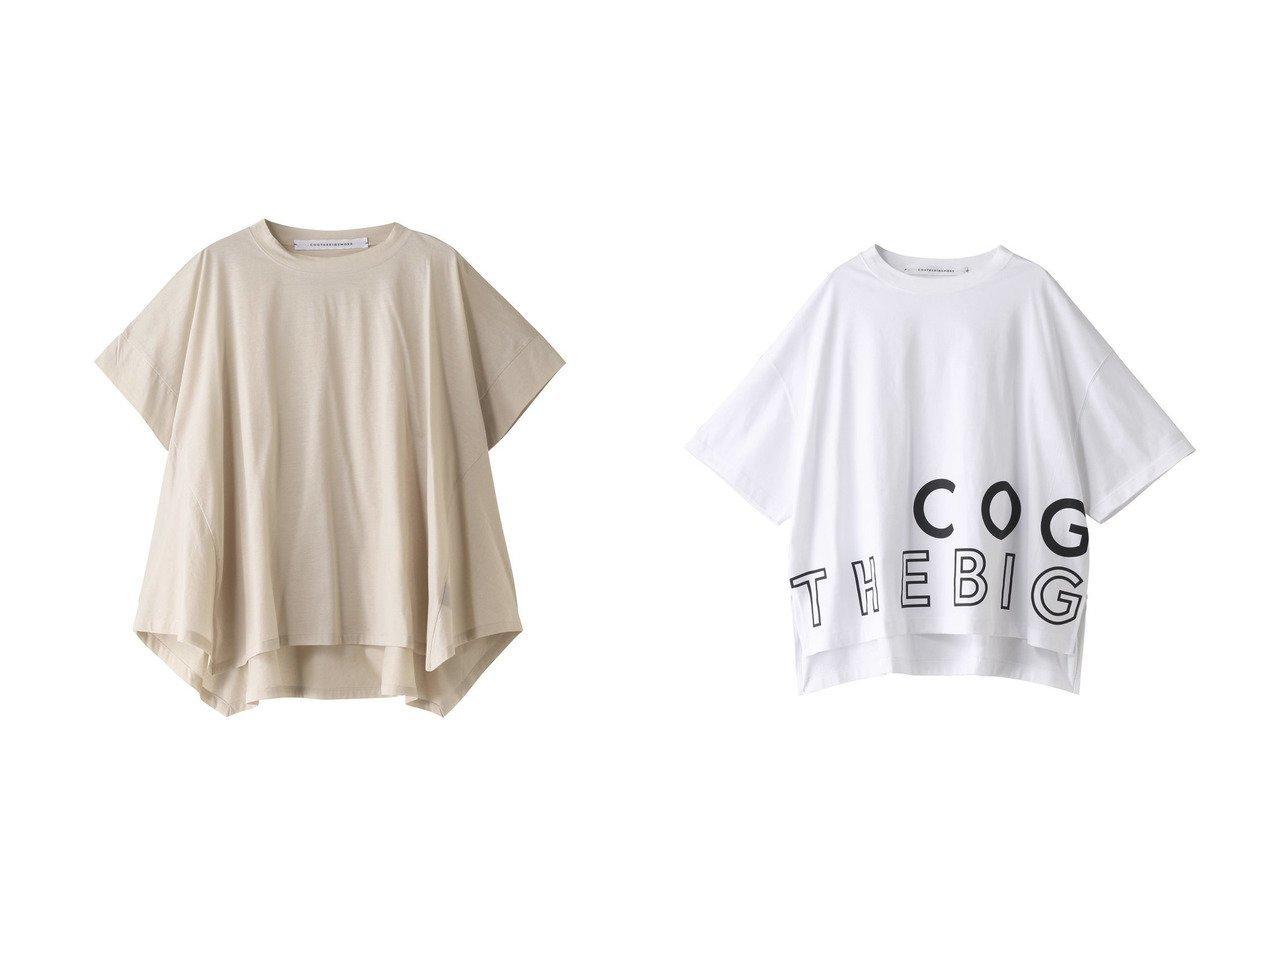 【martinique/マルティニーク】の【COGTHEBIGSMOKE】LECTANGLE Tシャツ&【COGTHEBIGSMOKE】MASSIVE Tシャツ 【トップス・カットソー】おすすめ!人気トレンド・レディースファッションの通販  おすすめで人気の流行・トレンド、ファッションの通販商品 メンズファッション・キッズファッション・インテリア・家具・レディースファッション・服の通販 founy(ファニー) https://founy.com/ ファッション Fashion レディースファッション WOMEN トップス・カットソー Tops/Tshirt シャツ/ブラウス Shirts/Blouses ロング / Tシャツ T-Shirts カットソー Cut and Sewn シアー ショート スタンド スリーブ コレクション 人気 |ID:crp329100000029747